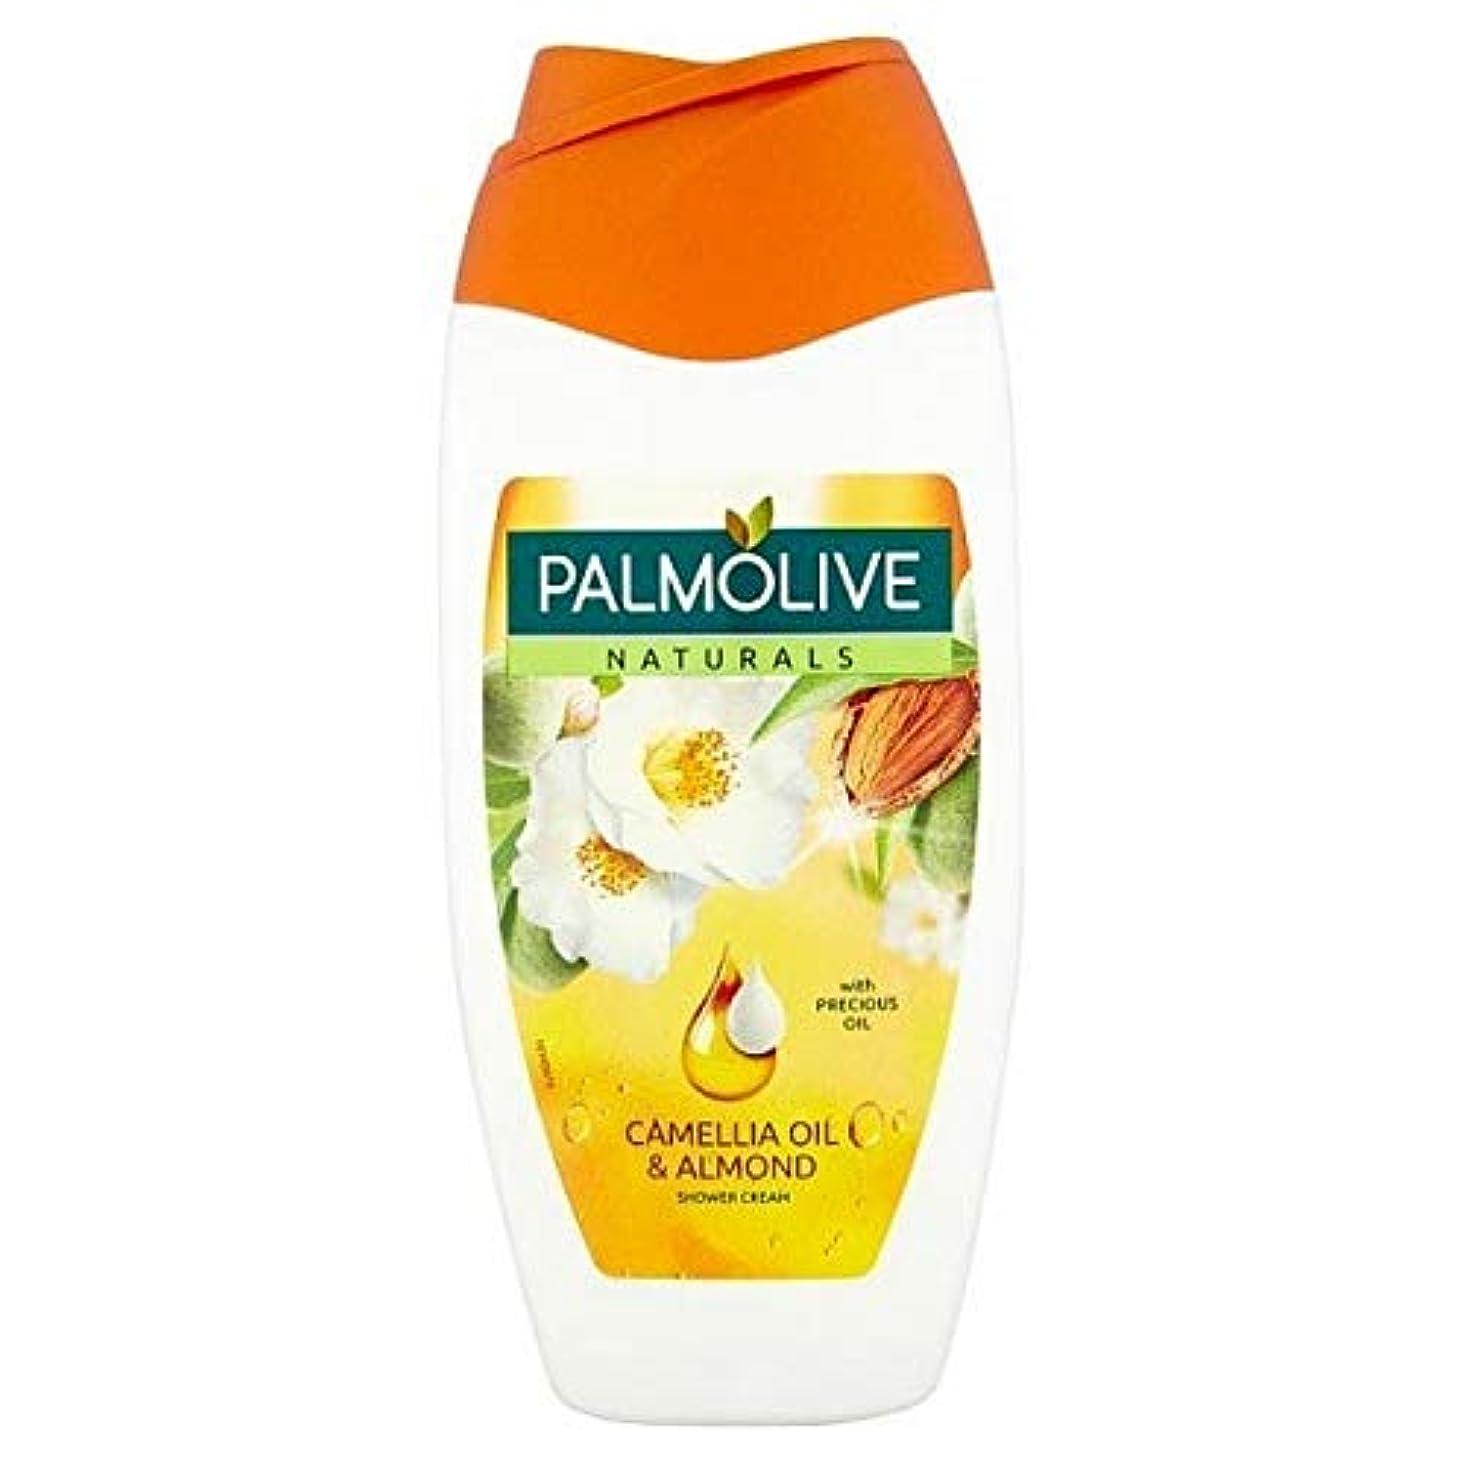 再生的経歴オアシス[Palmolive ] パルモナチュラル椿油&アーモンドシャワージェル250ミリリットル - Palmolive Naturals Camellia Oil & Almond Shower Gel 250ml [並行輸入品]